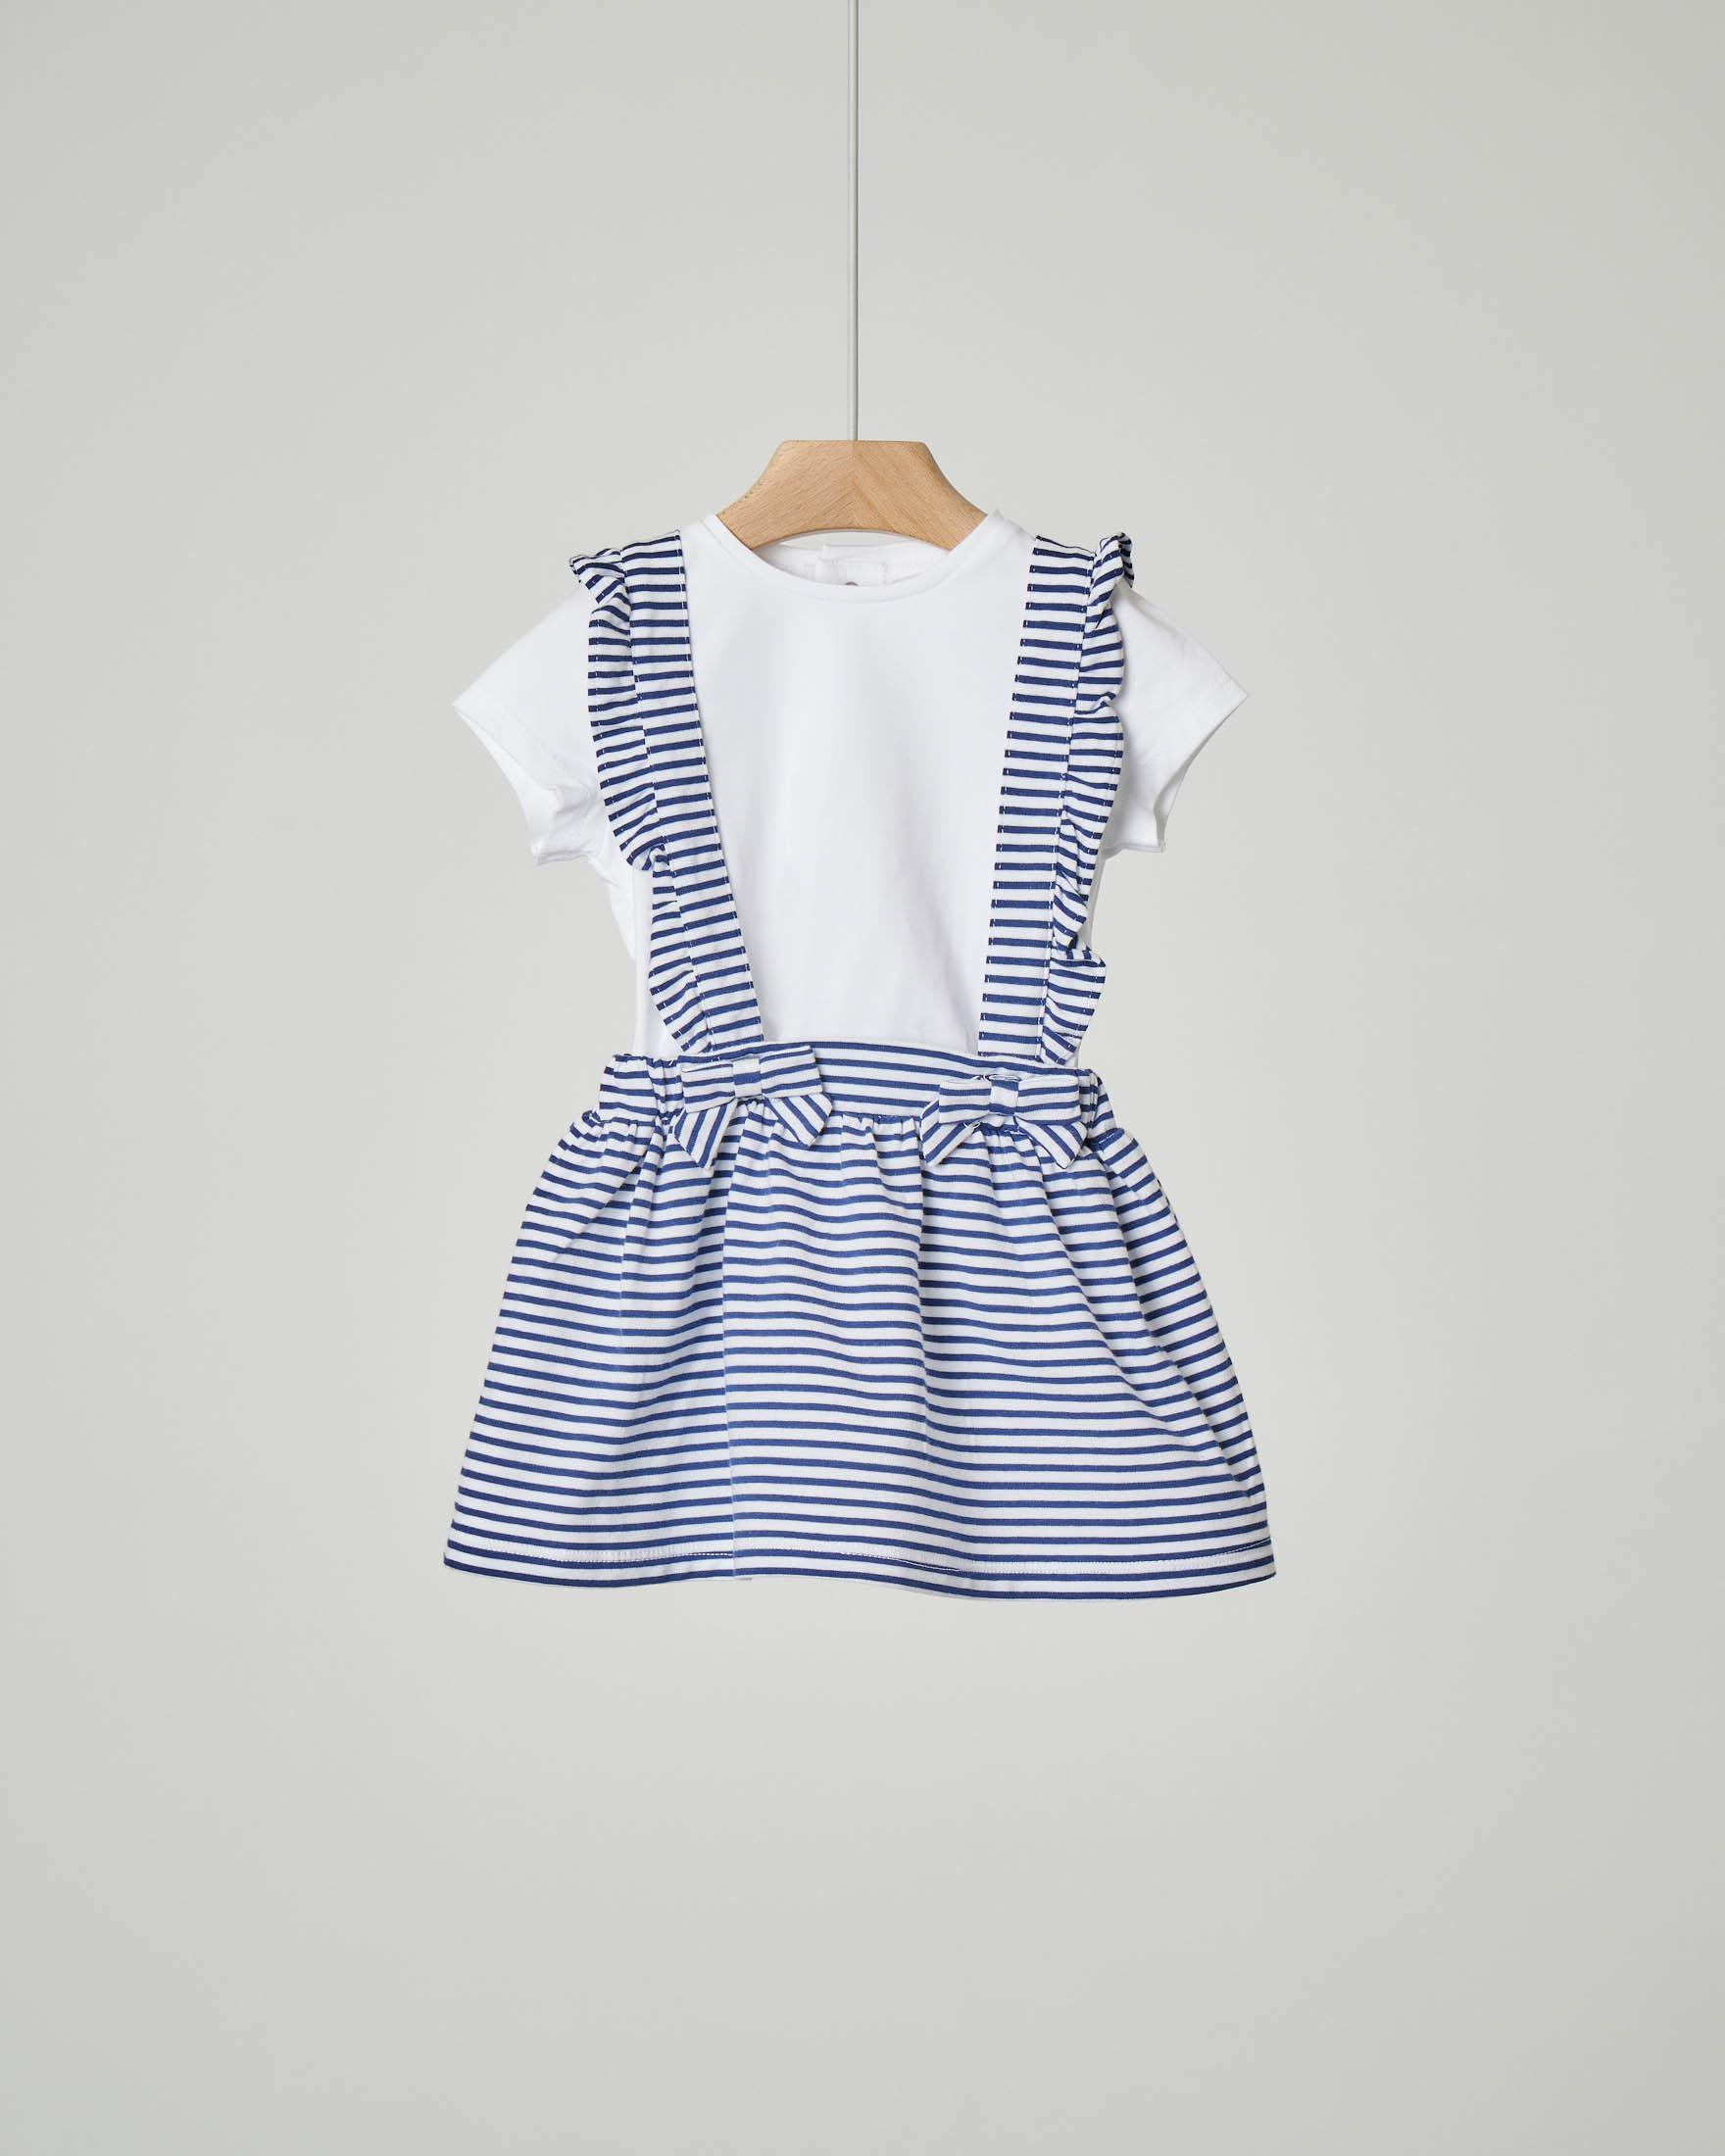 Completo con gonna a righe bianche e blu con spalline con volant e t-shirt bianca